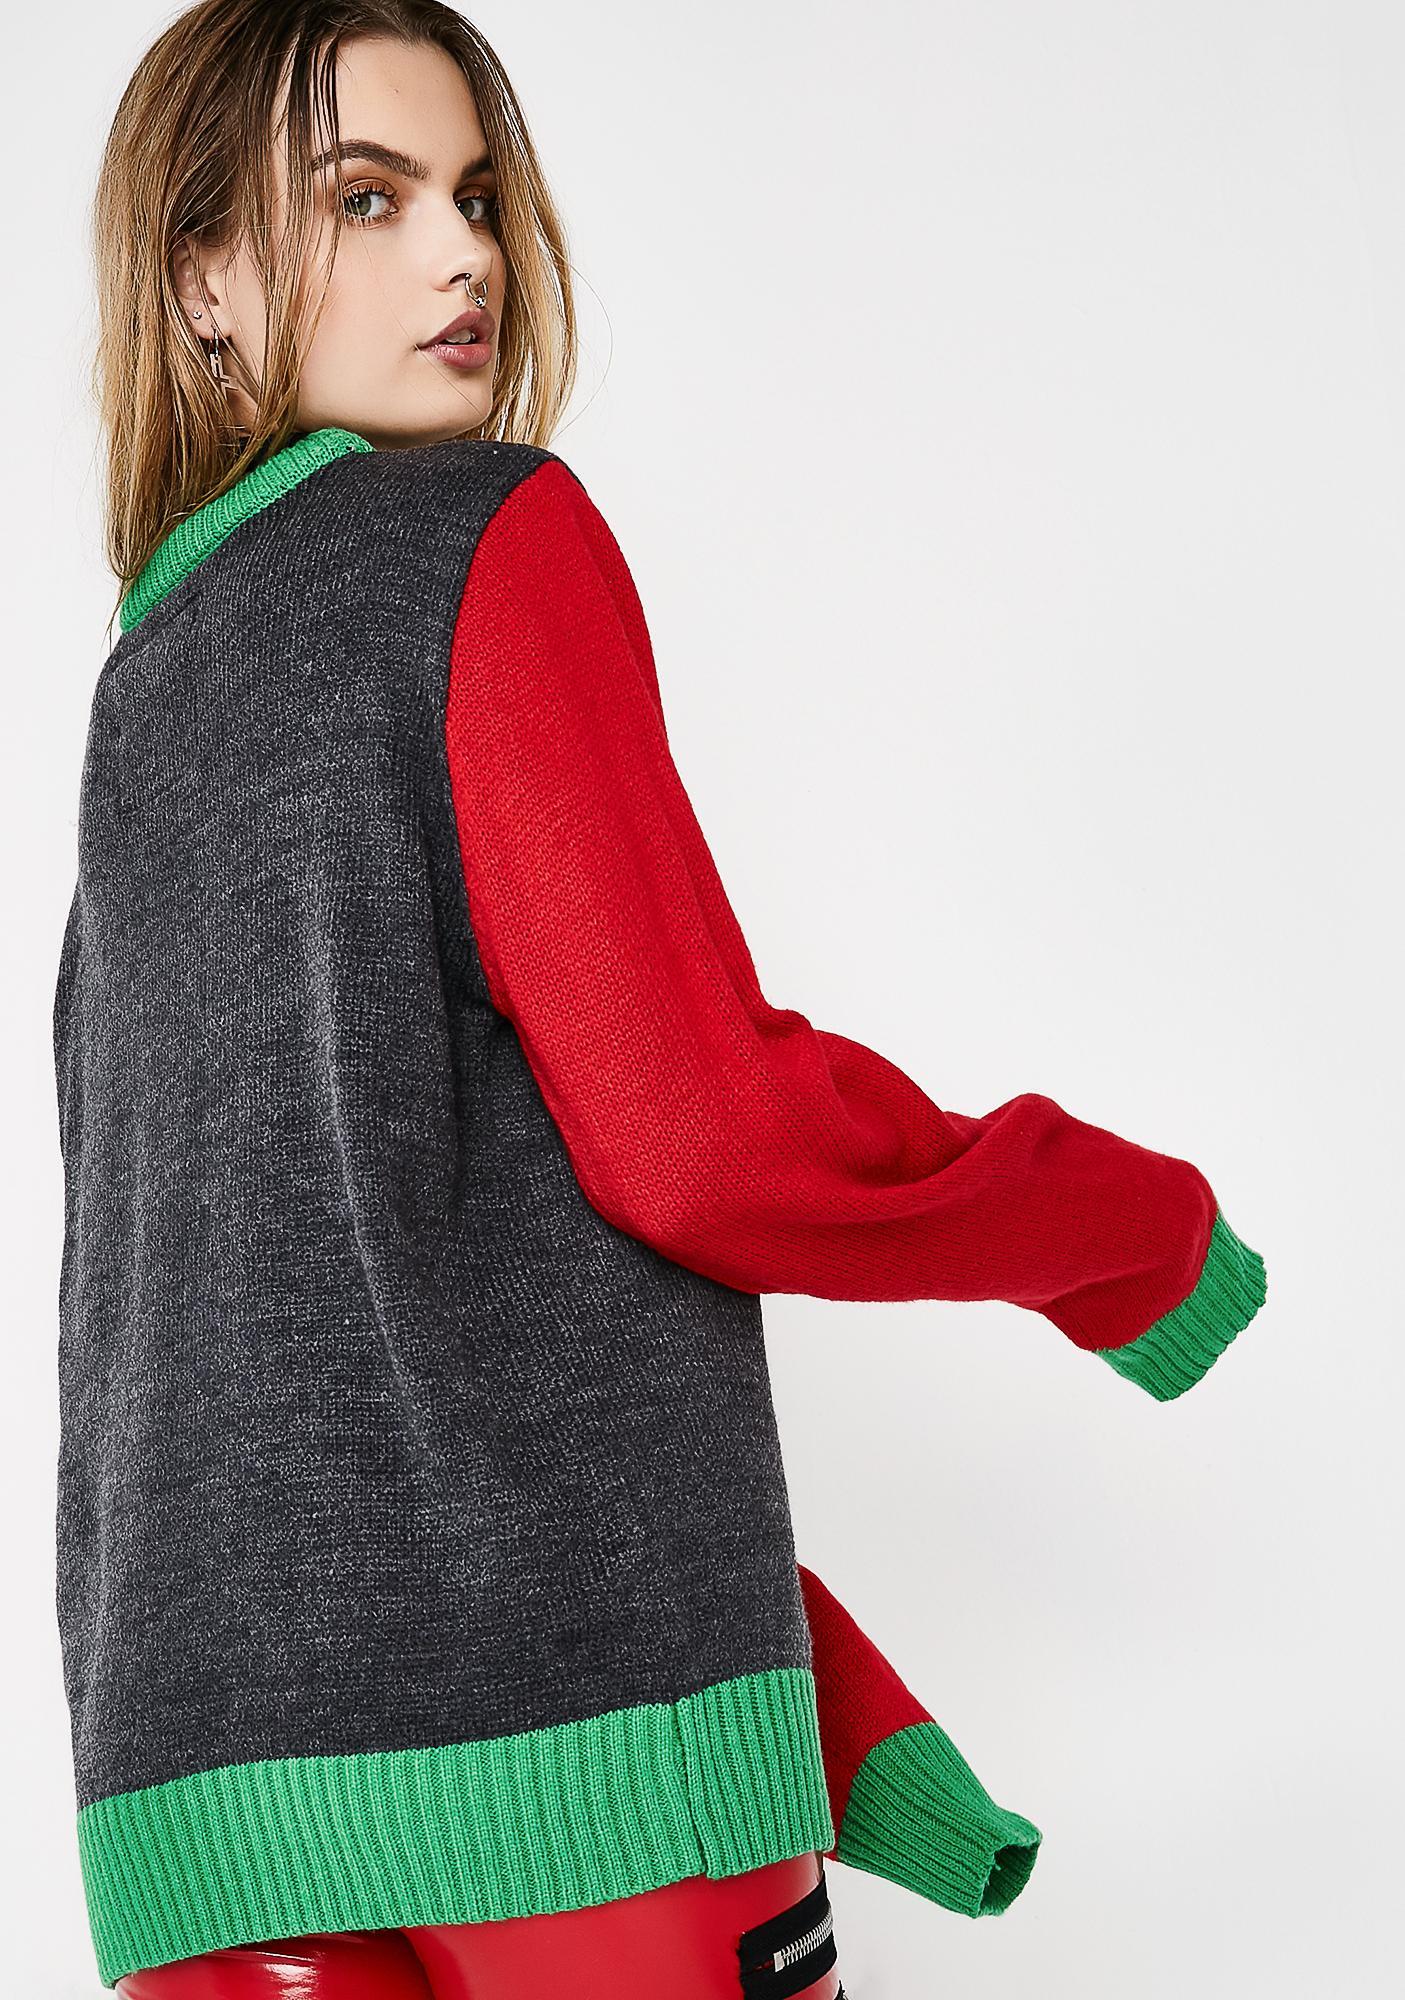 Ur Lil Helper Sweater